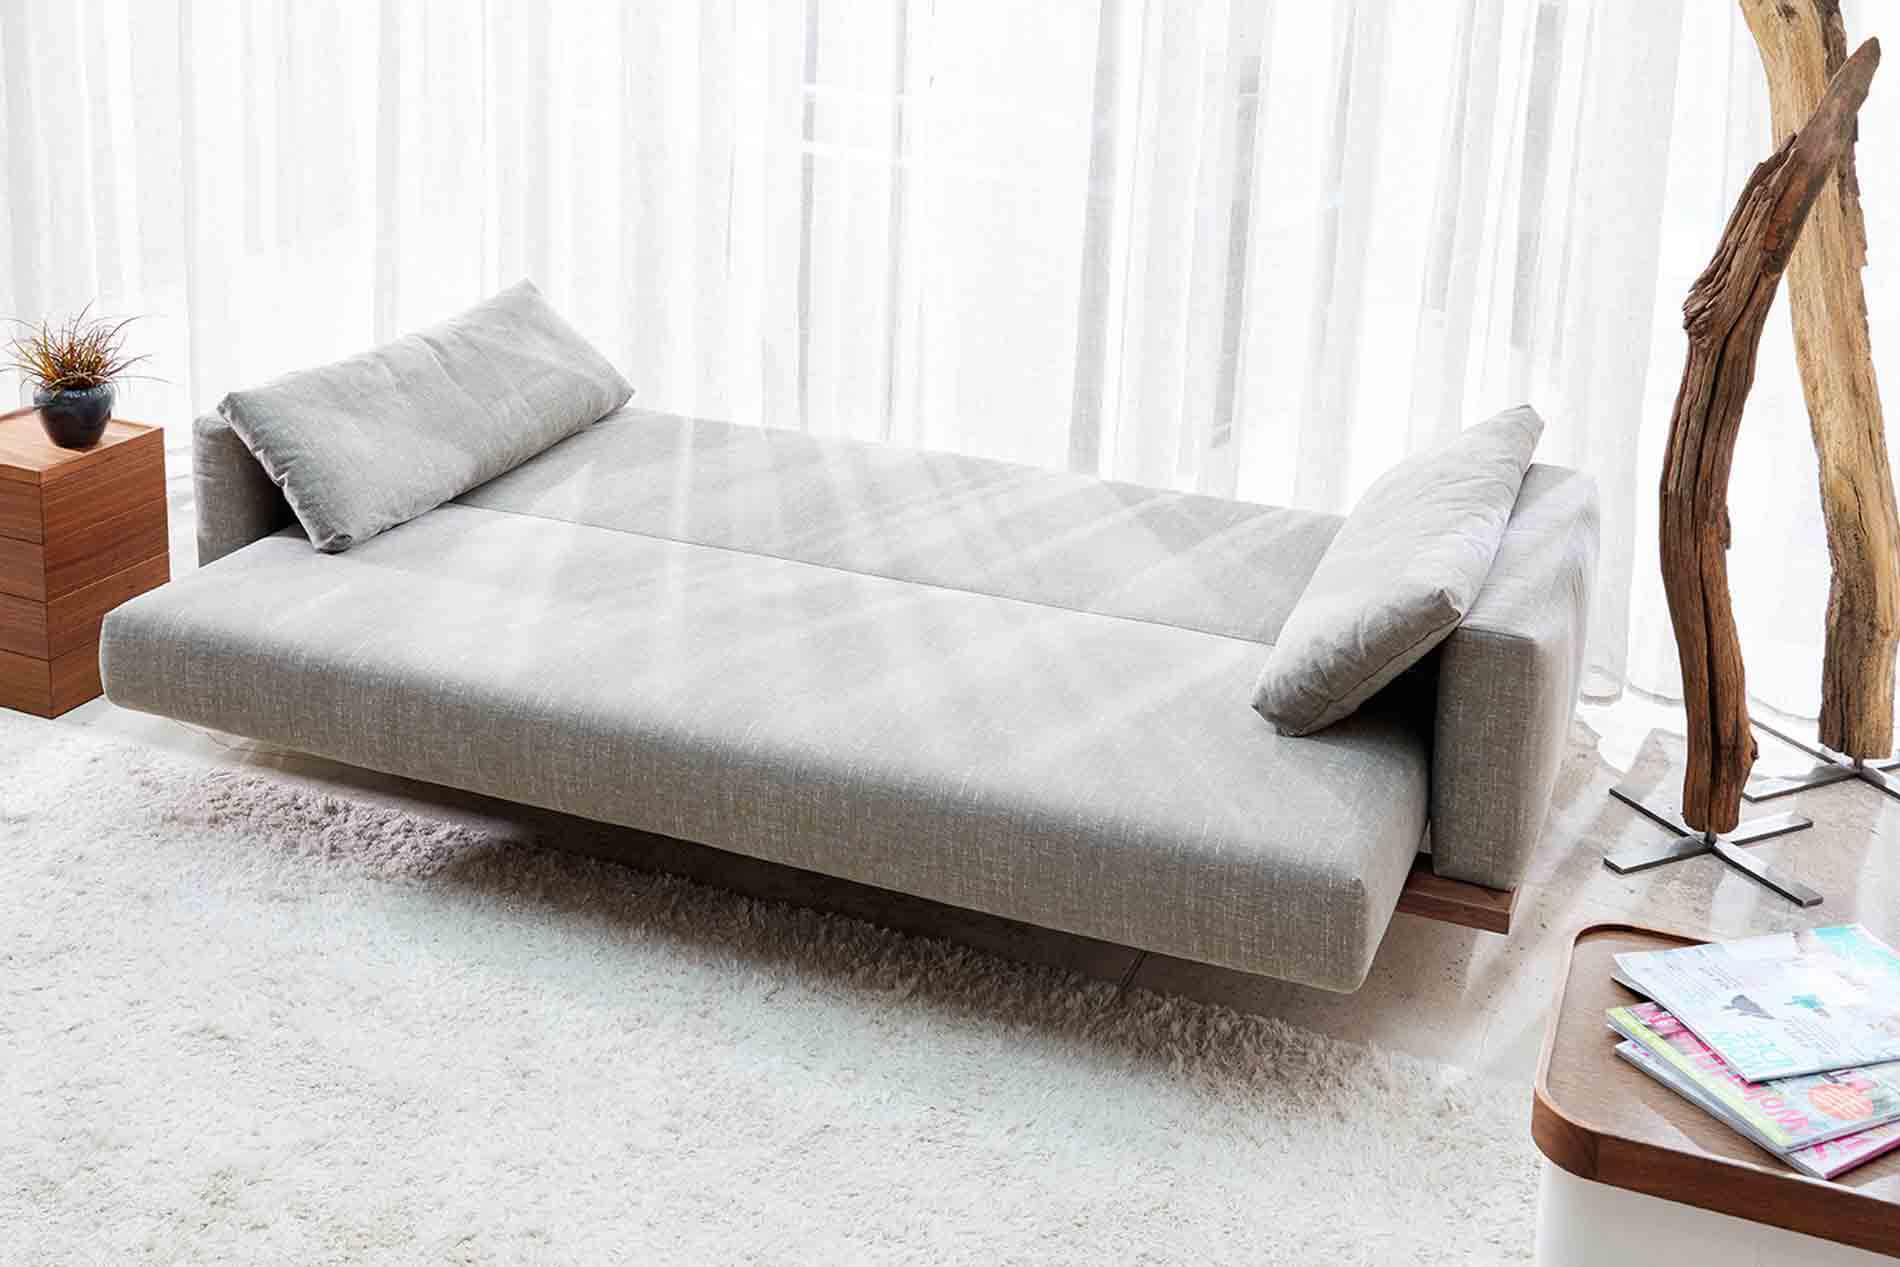 Design Schlafsofas schlafsofa pio signet kippcouch zum schlafen im kantigen design